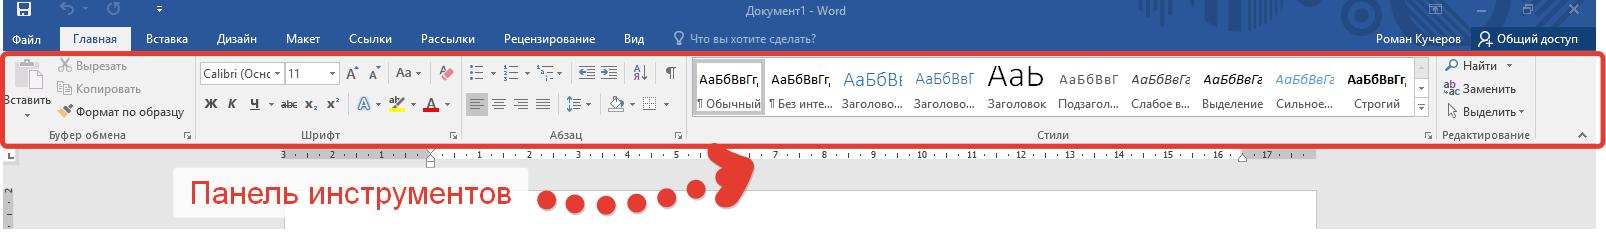 панель инструментов ворд word таблица